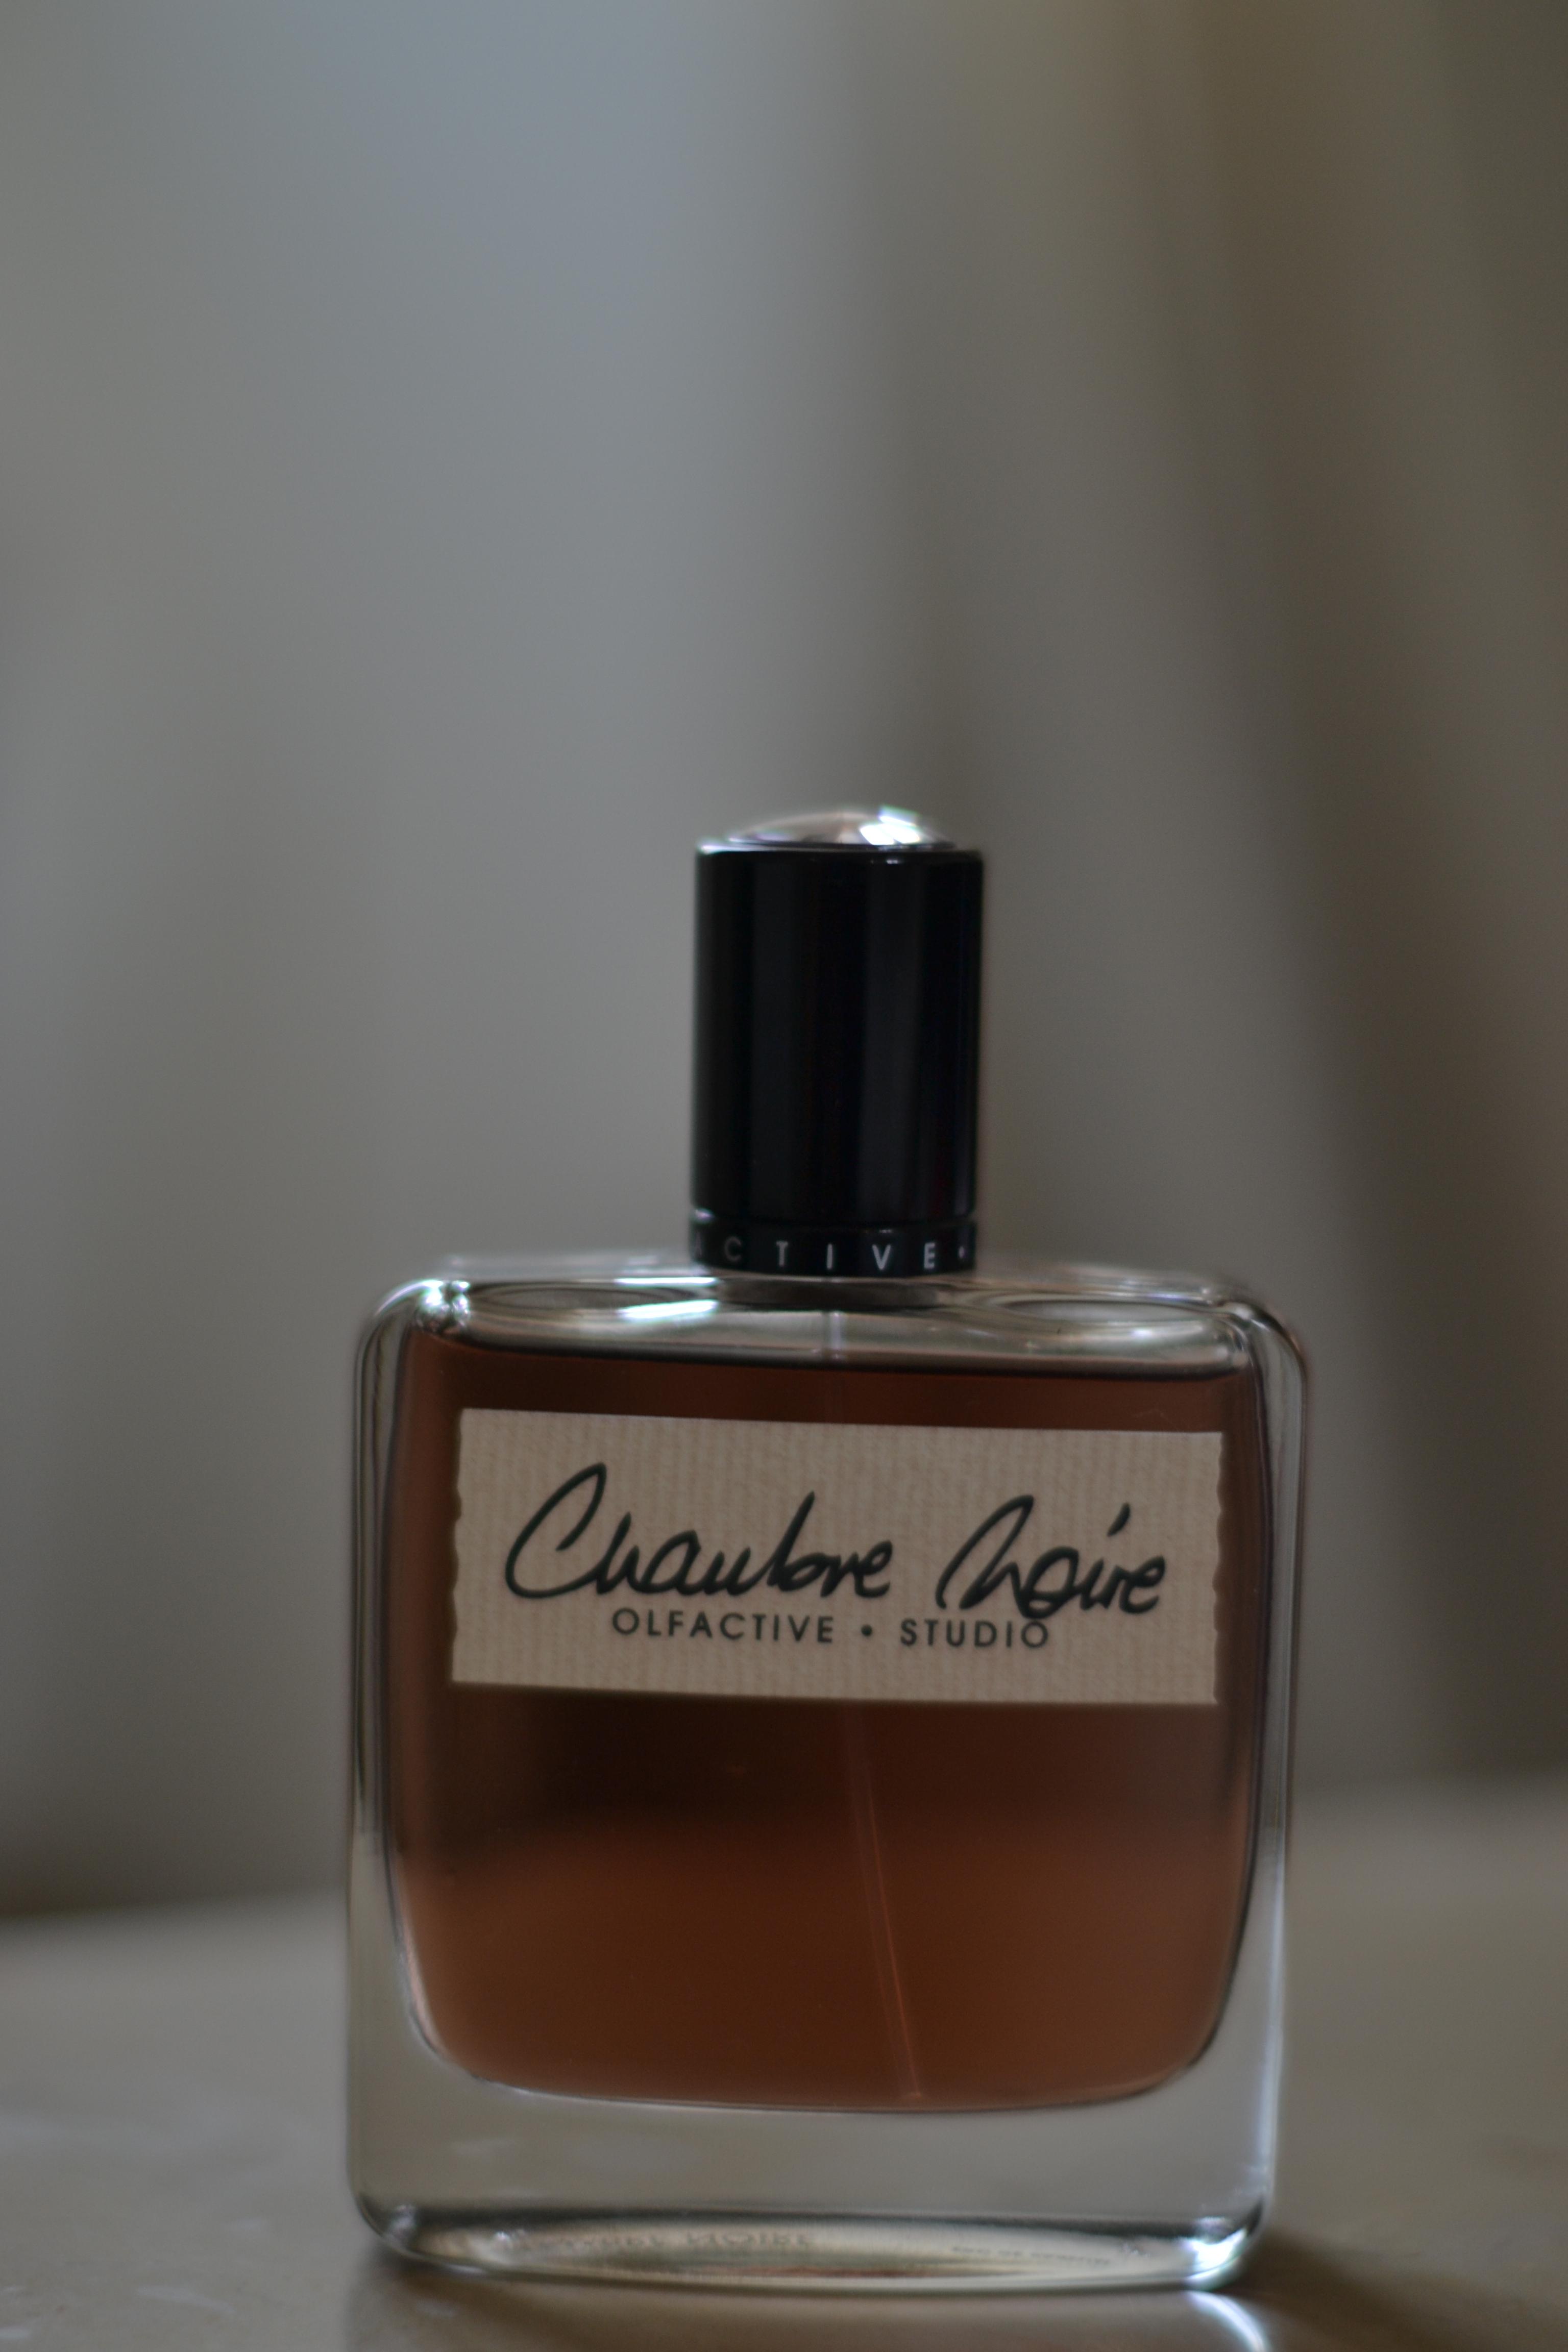 Lumi re blanche et chambre noire par olfactive studio for Chambre noire